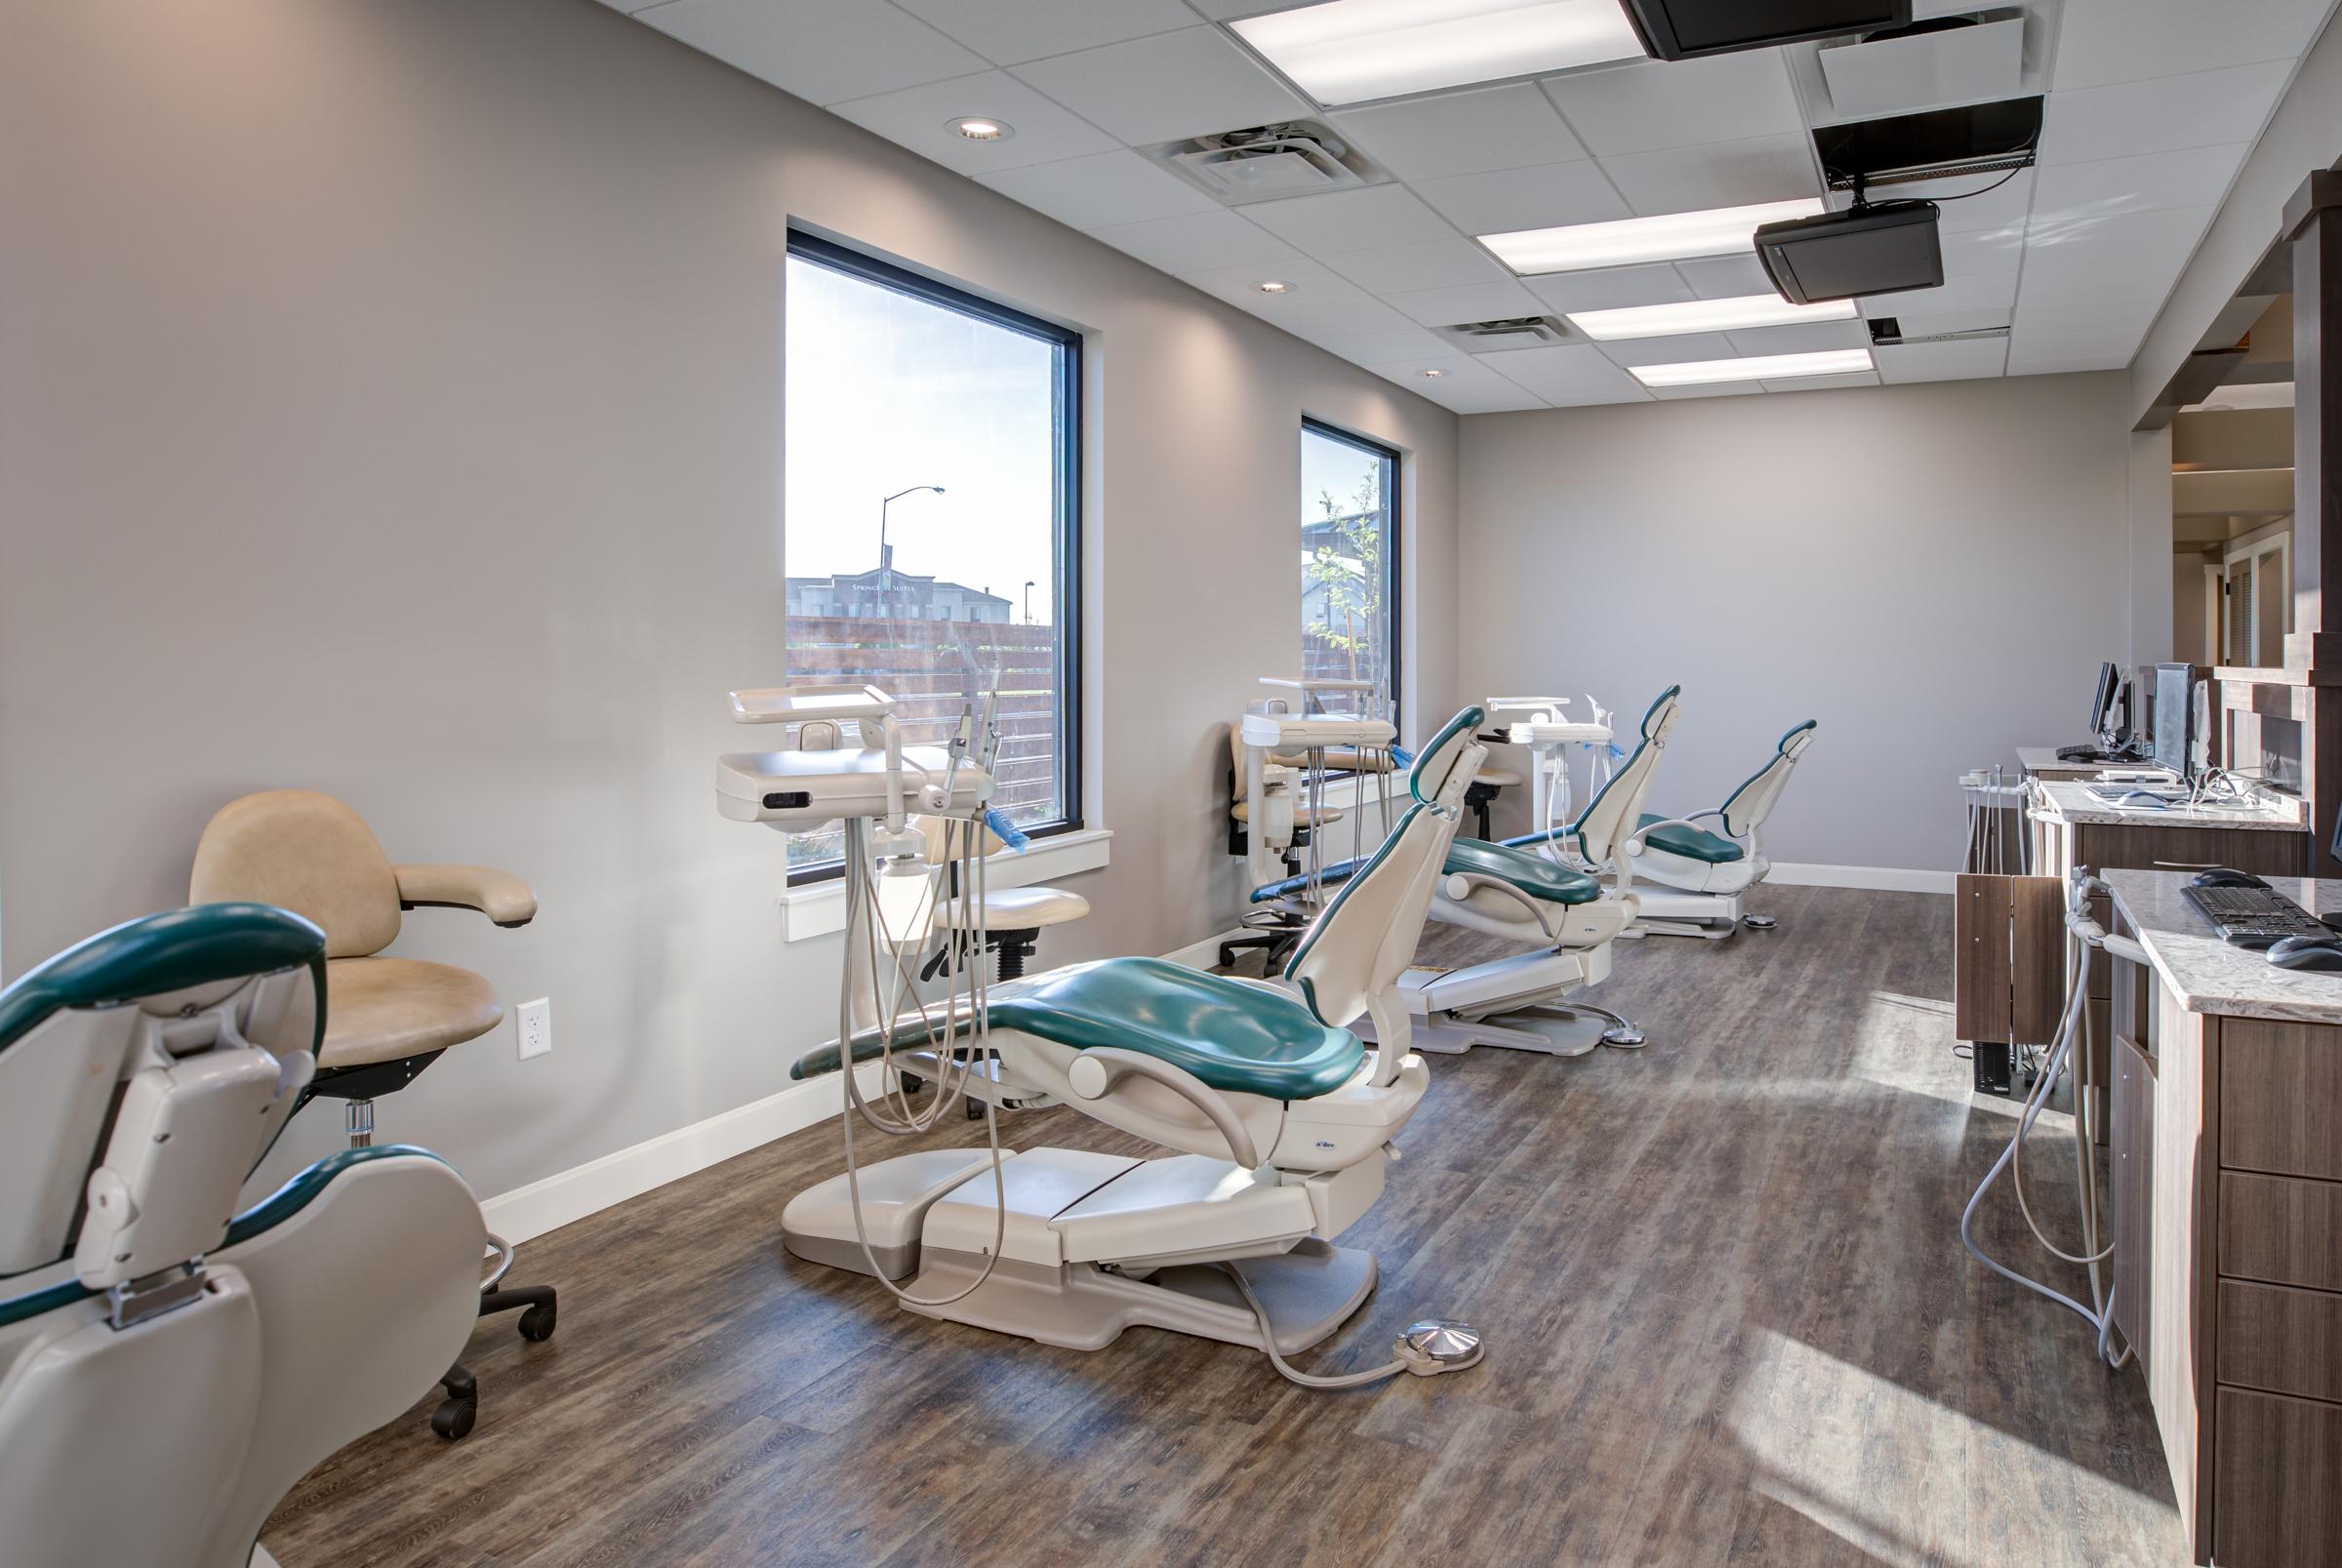 advanced_dental_stills-21.jpg